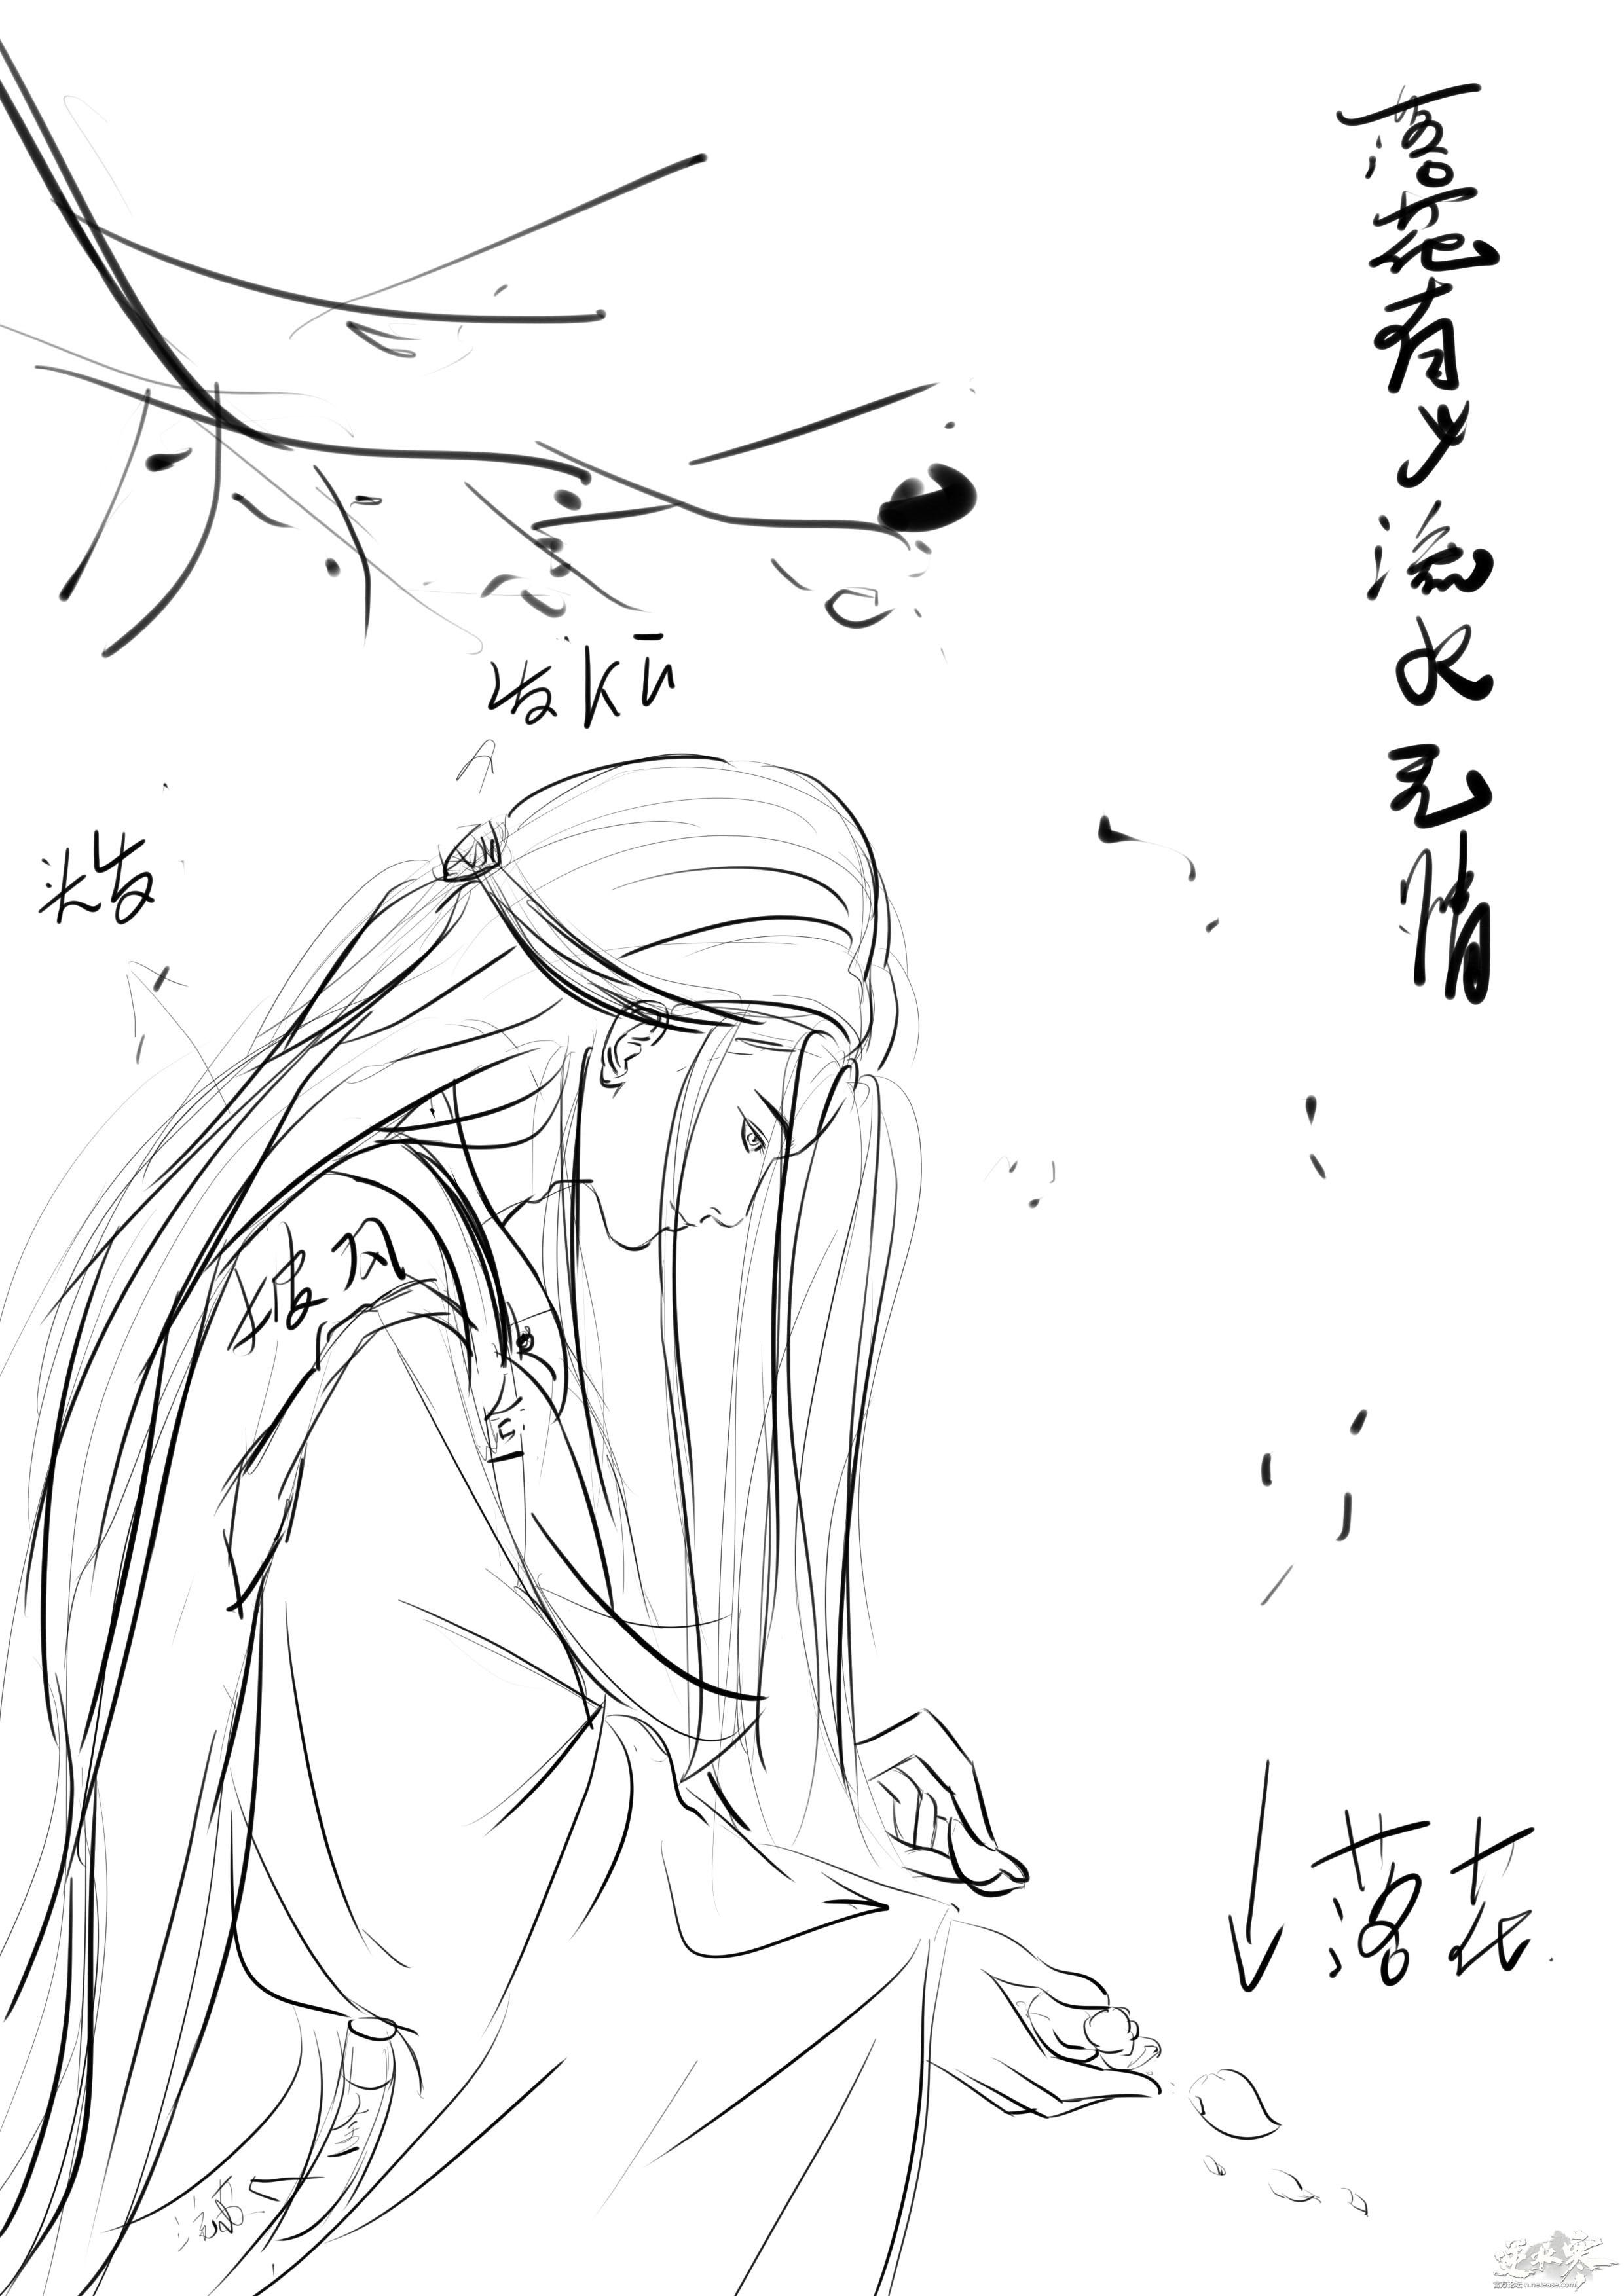 【自在门·手绘】落花有意流水无情